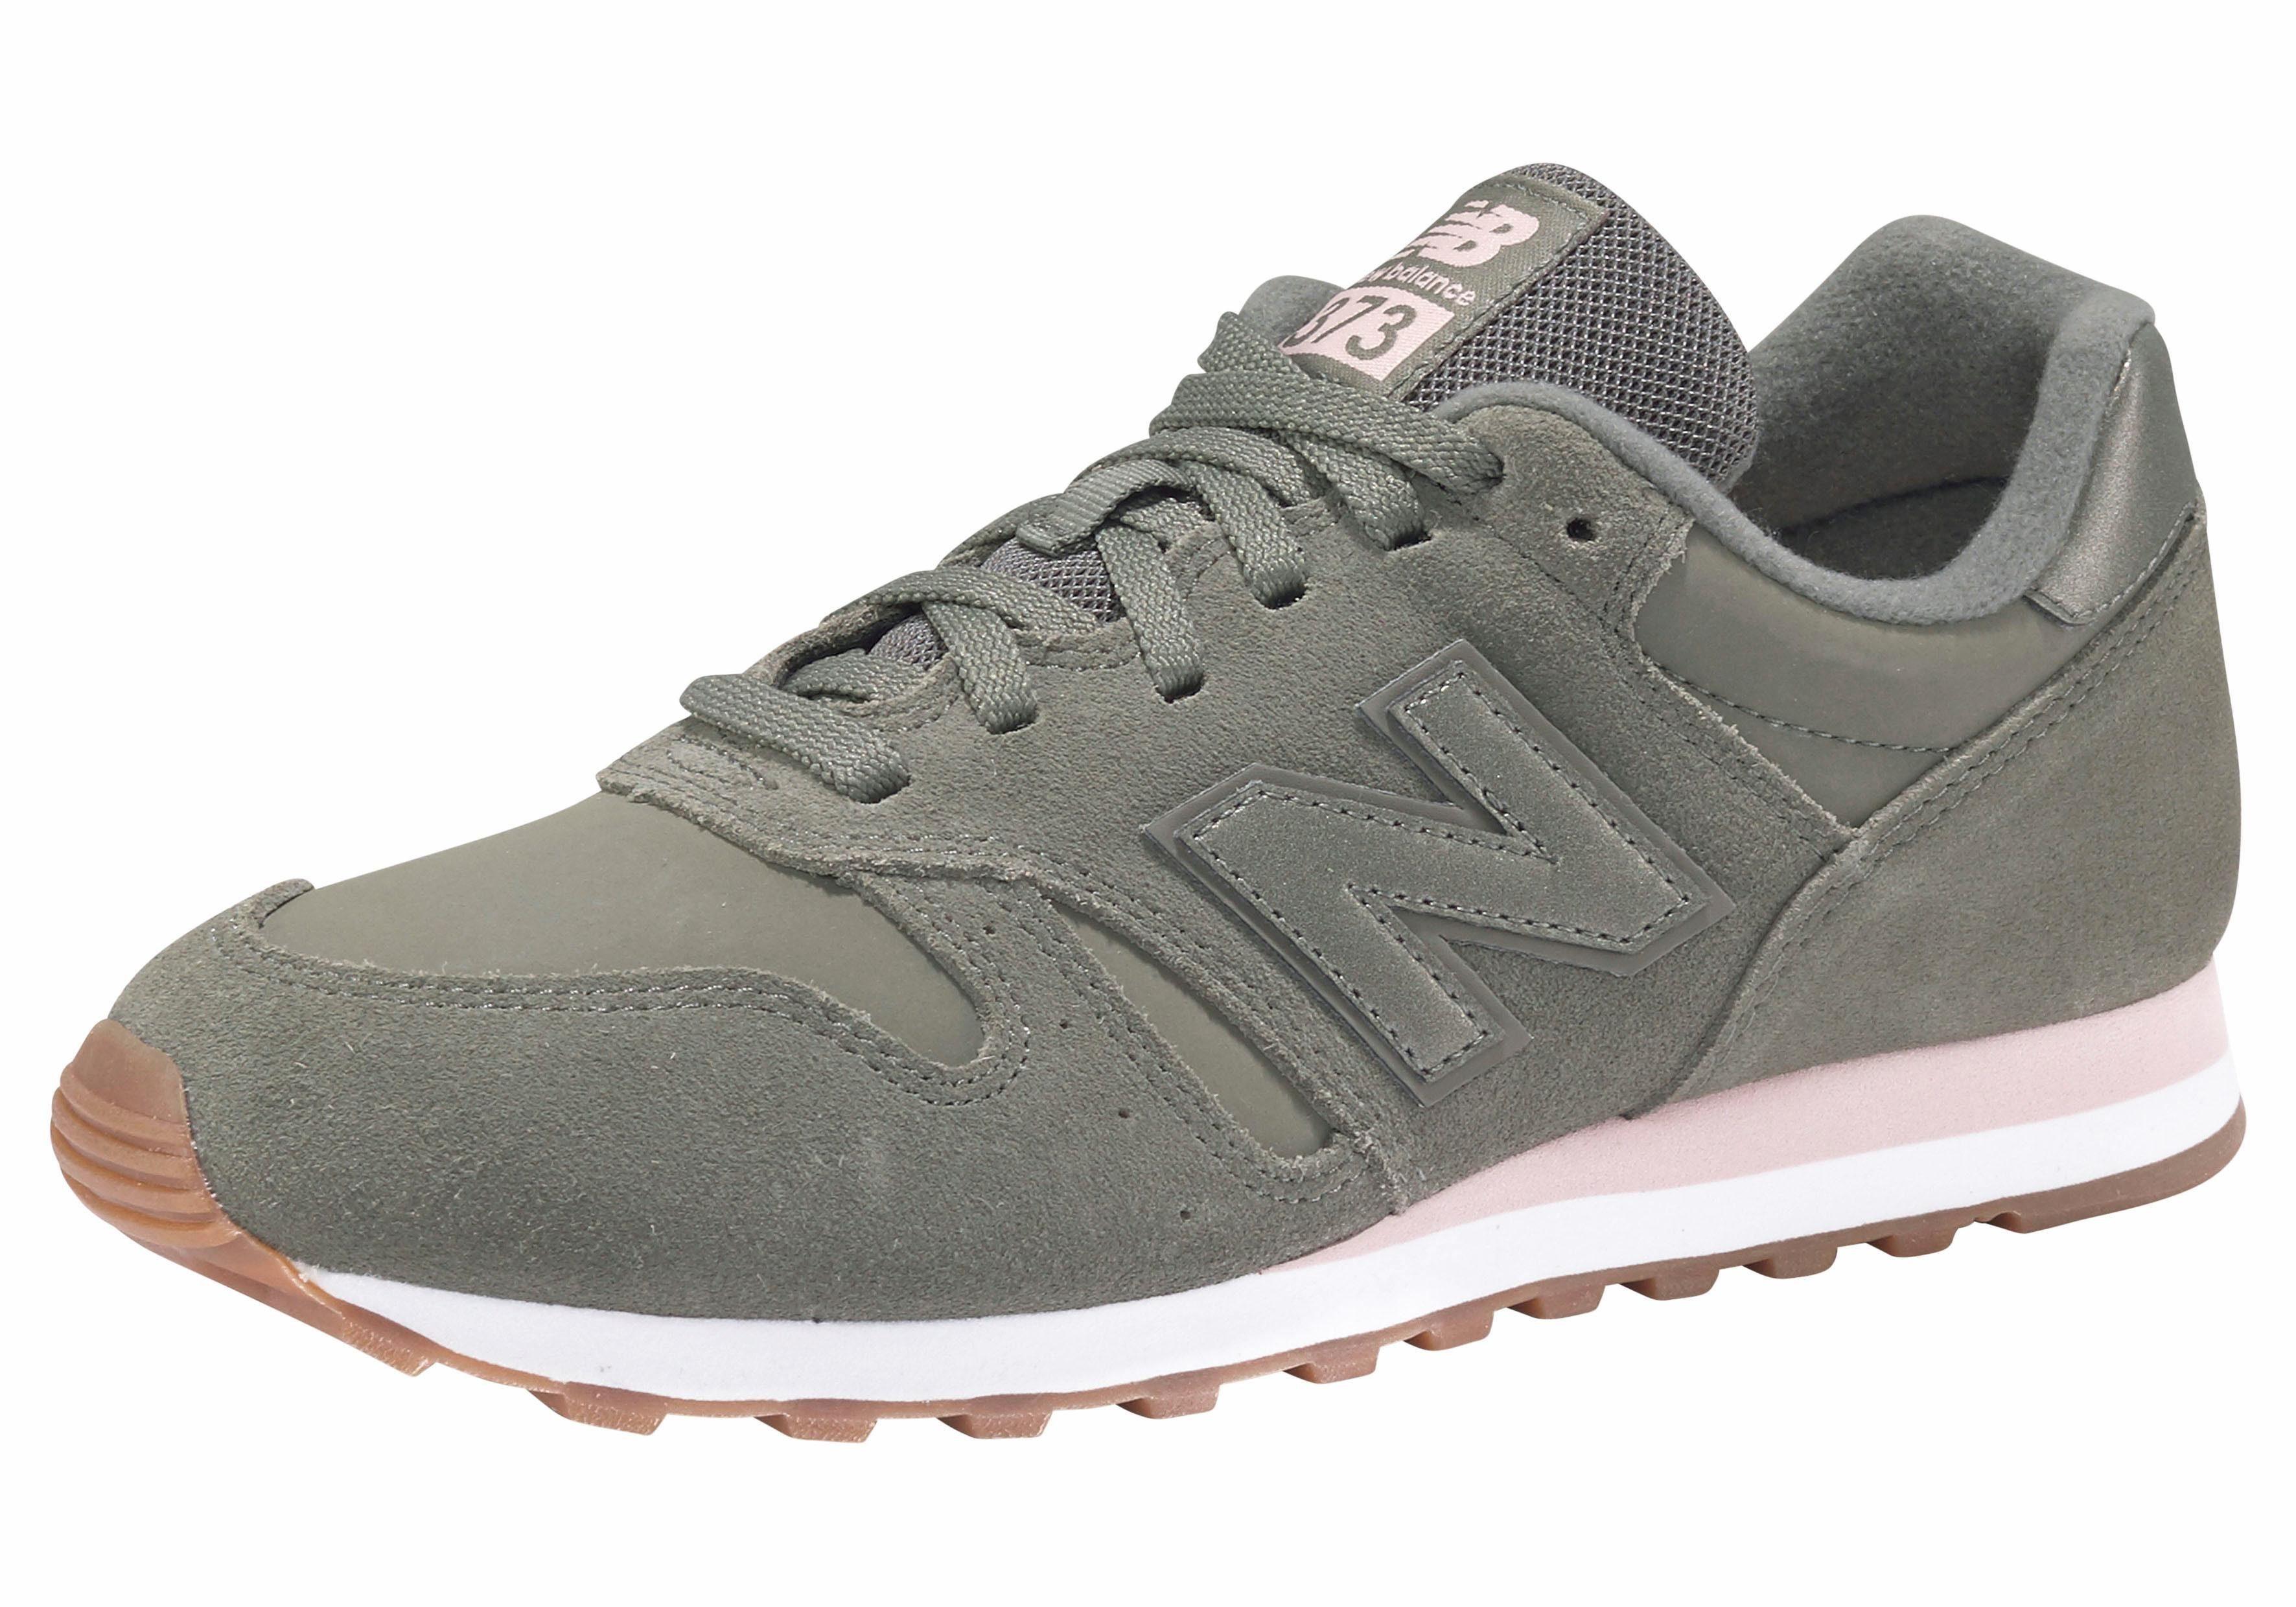 vallen new balance schoenen groot uit